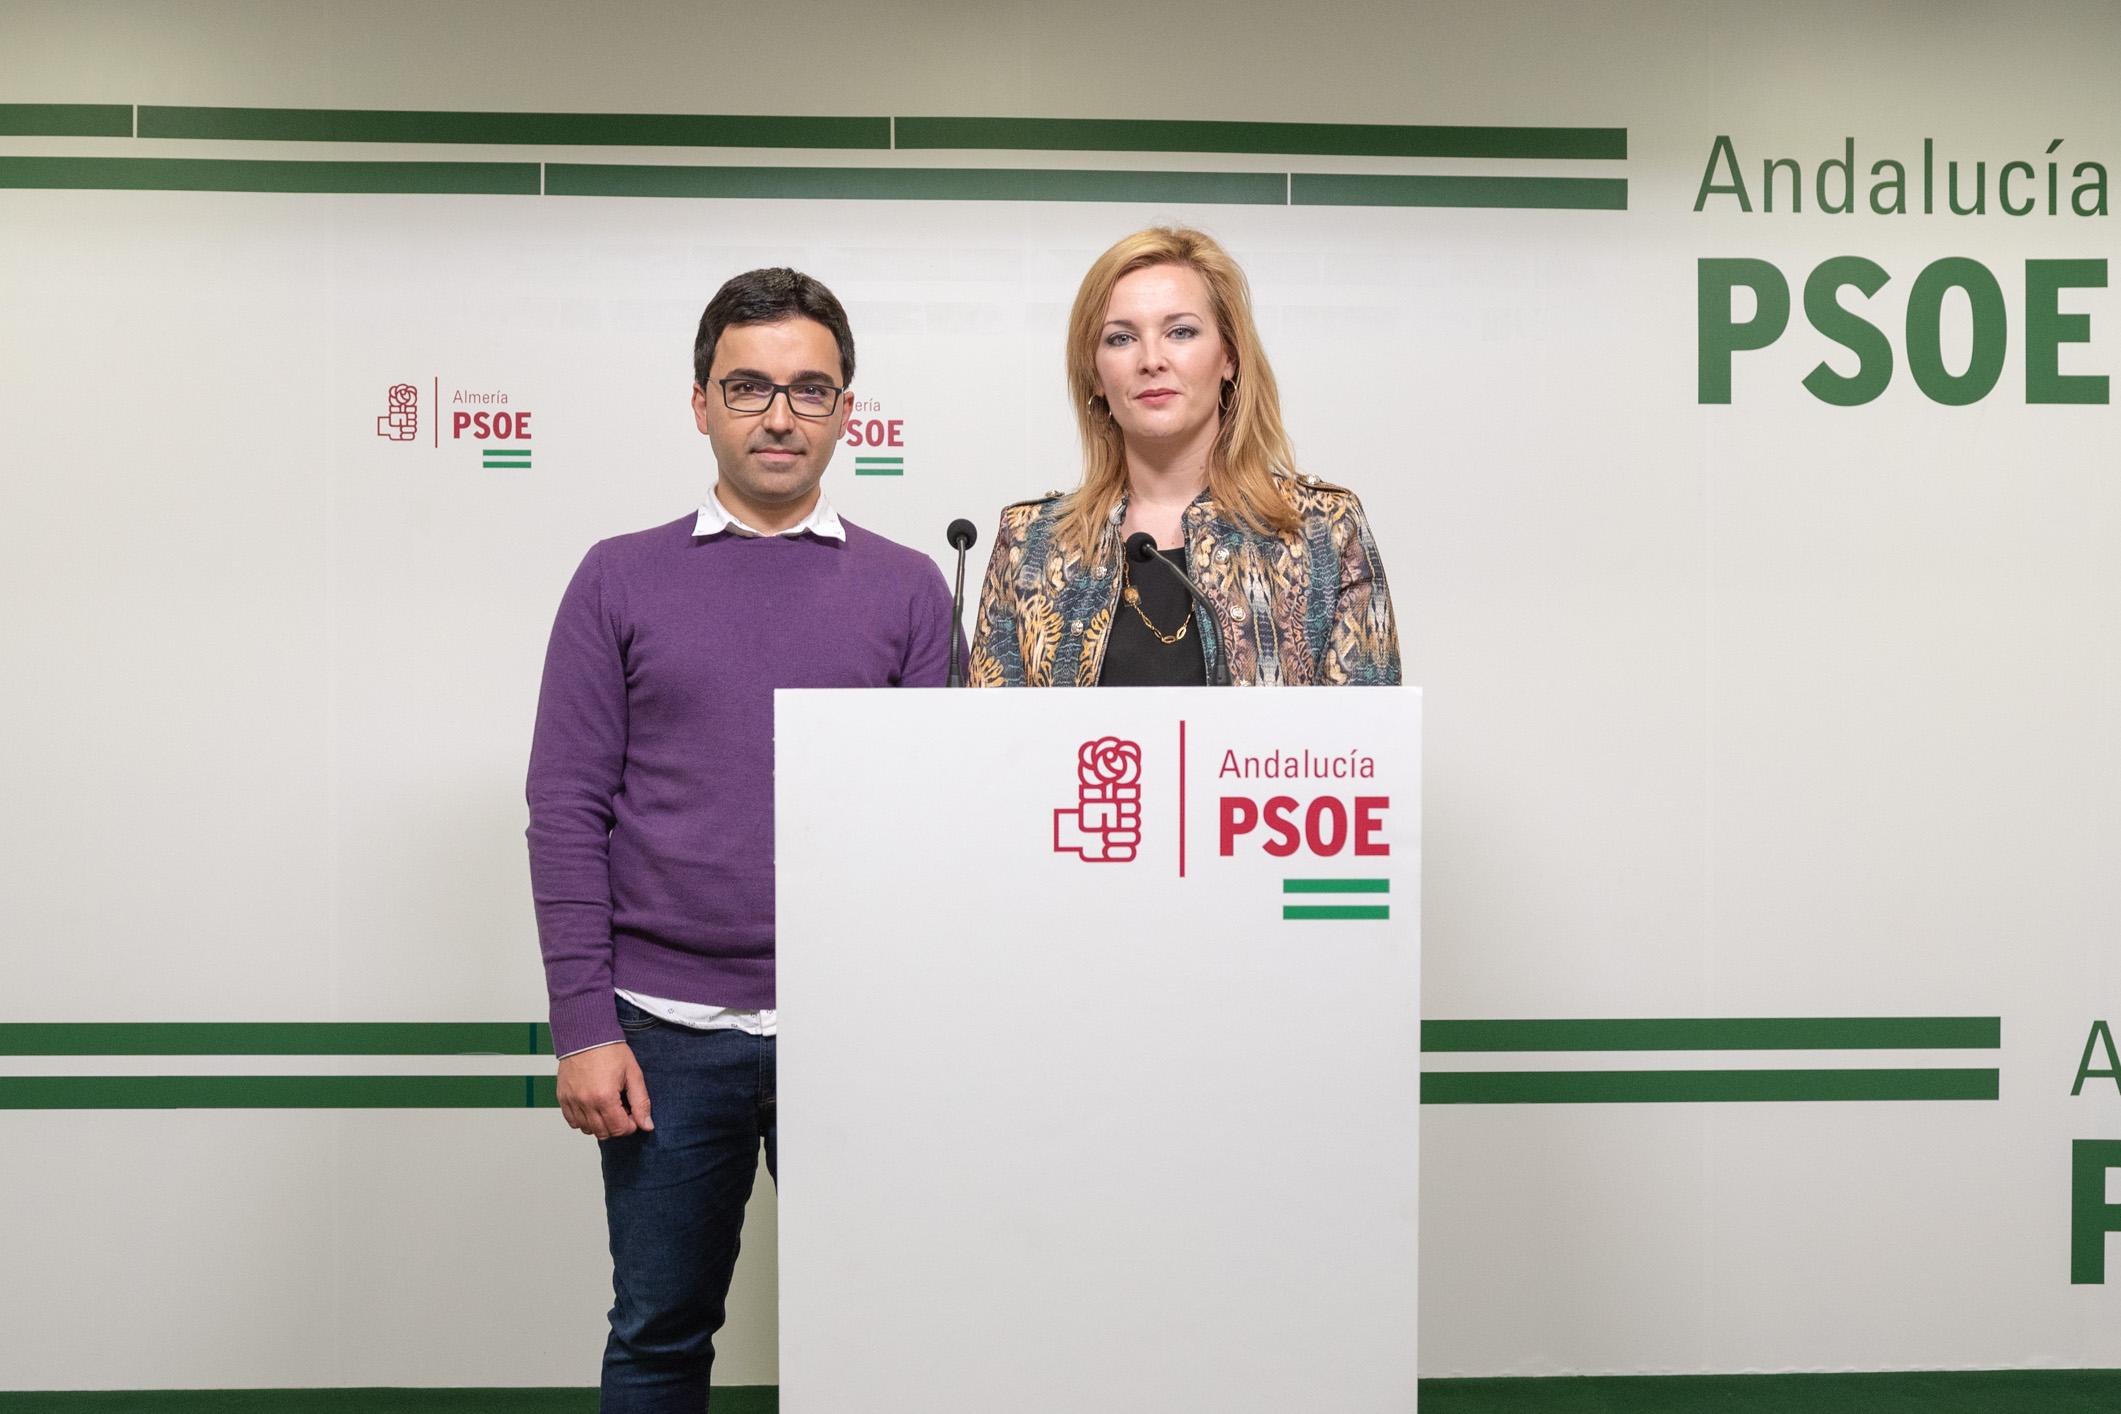 Francisco Fernández Guardia y Teresa Piqueras anuncia elecciones adra